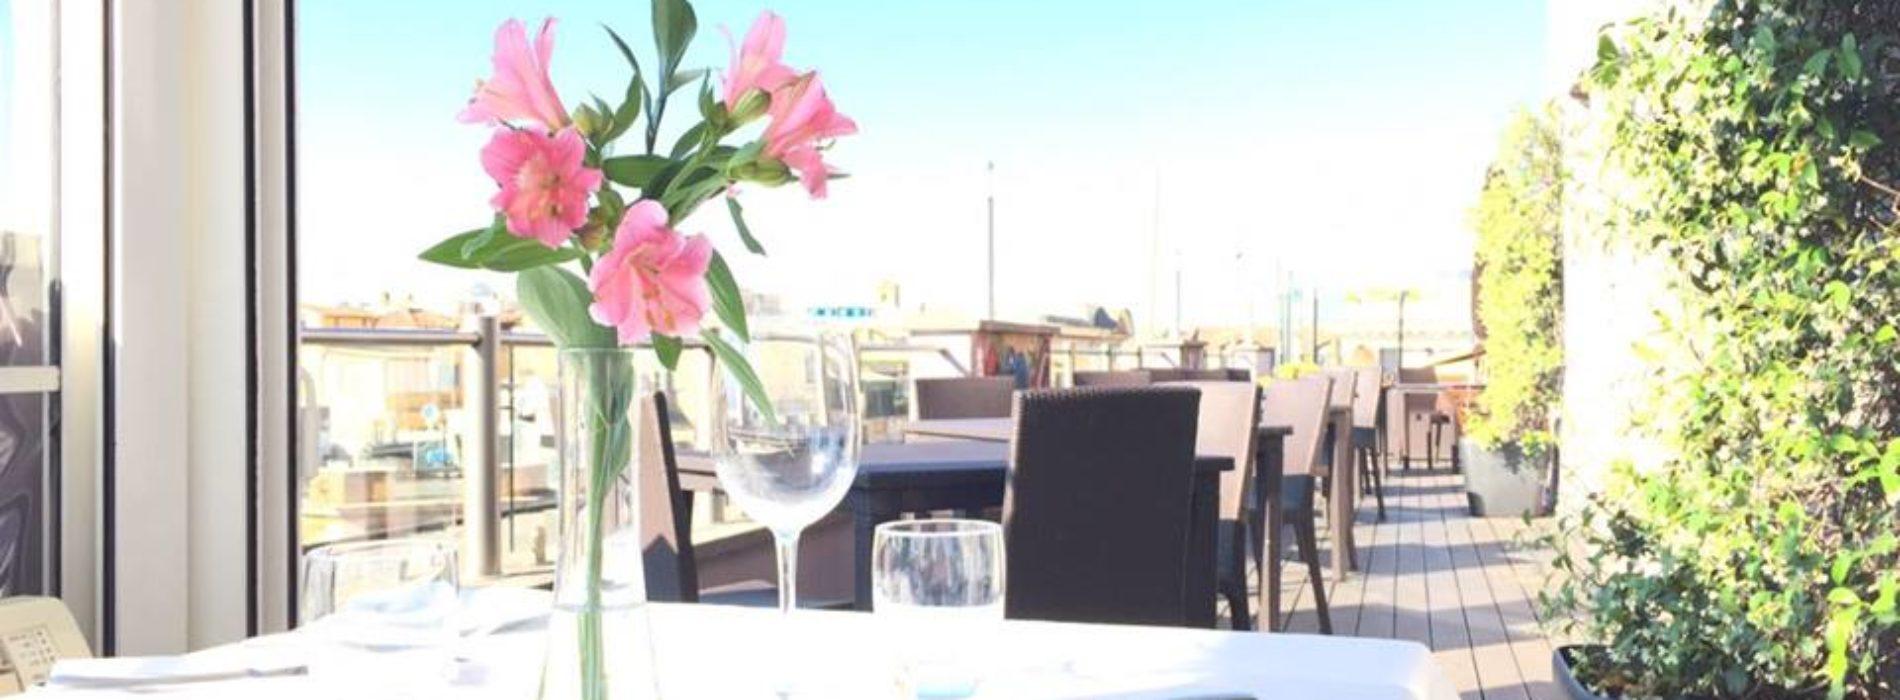 Toy Roof Roma, aperitivi e cene con vista sulla terrazza dell'hotel La Griffe